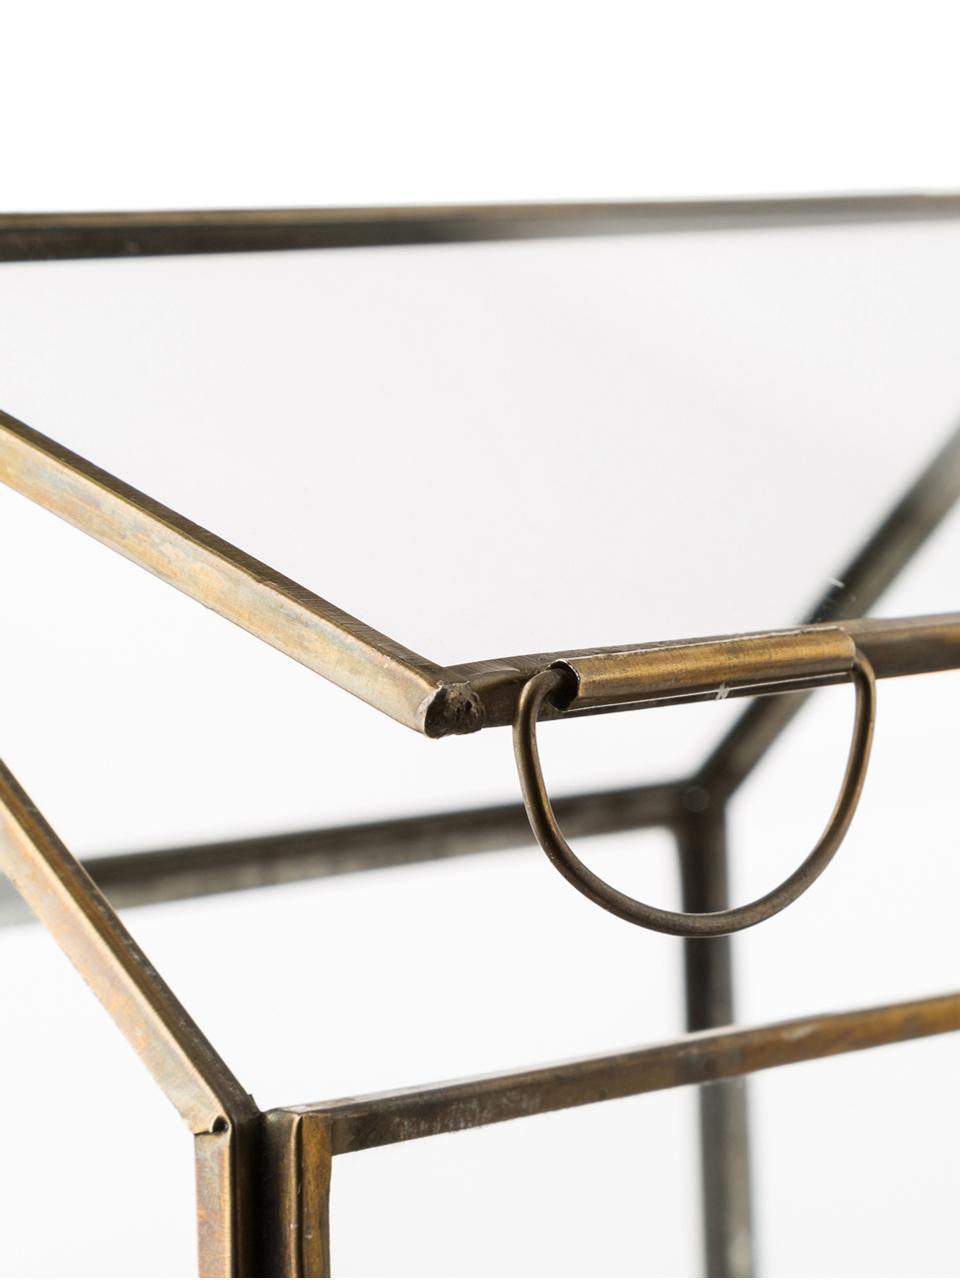 Windlicht My House, Gestell: Metall, beschichtet, Bronzefarben, 19 x 18 cm